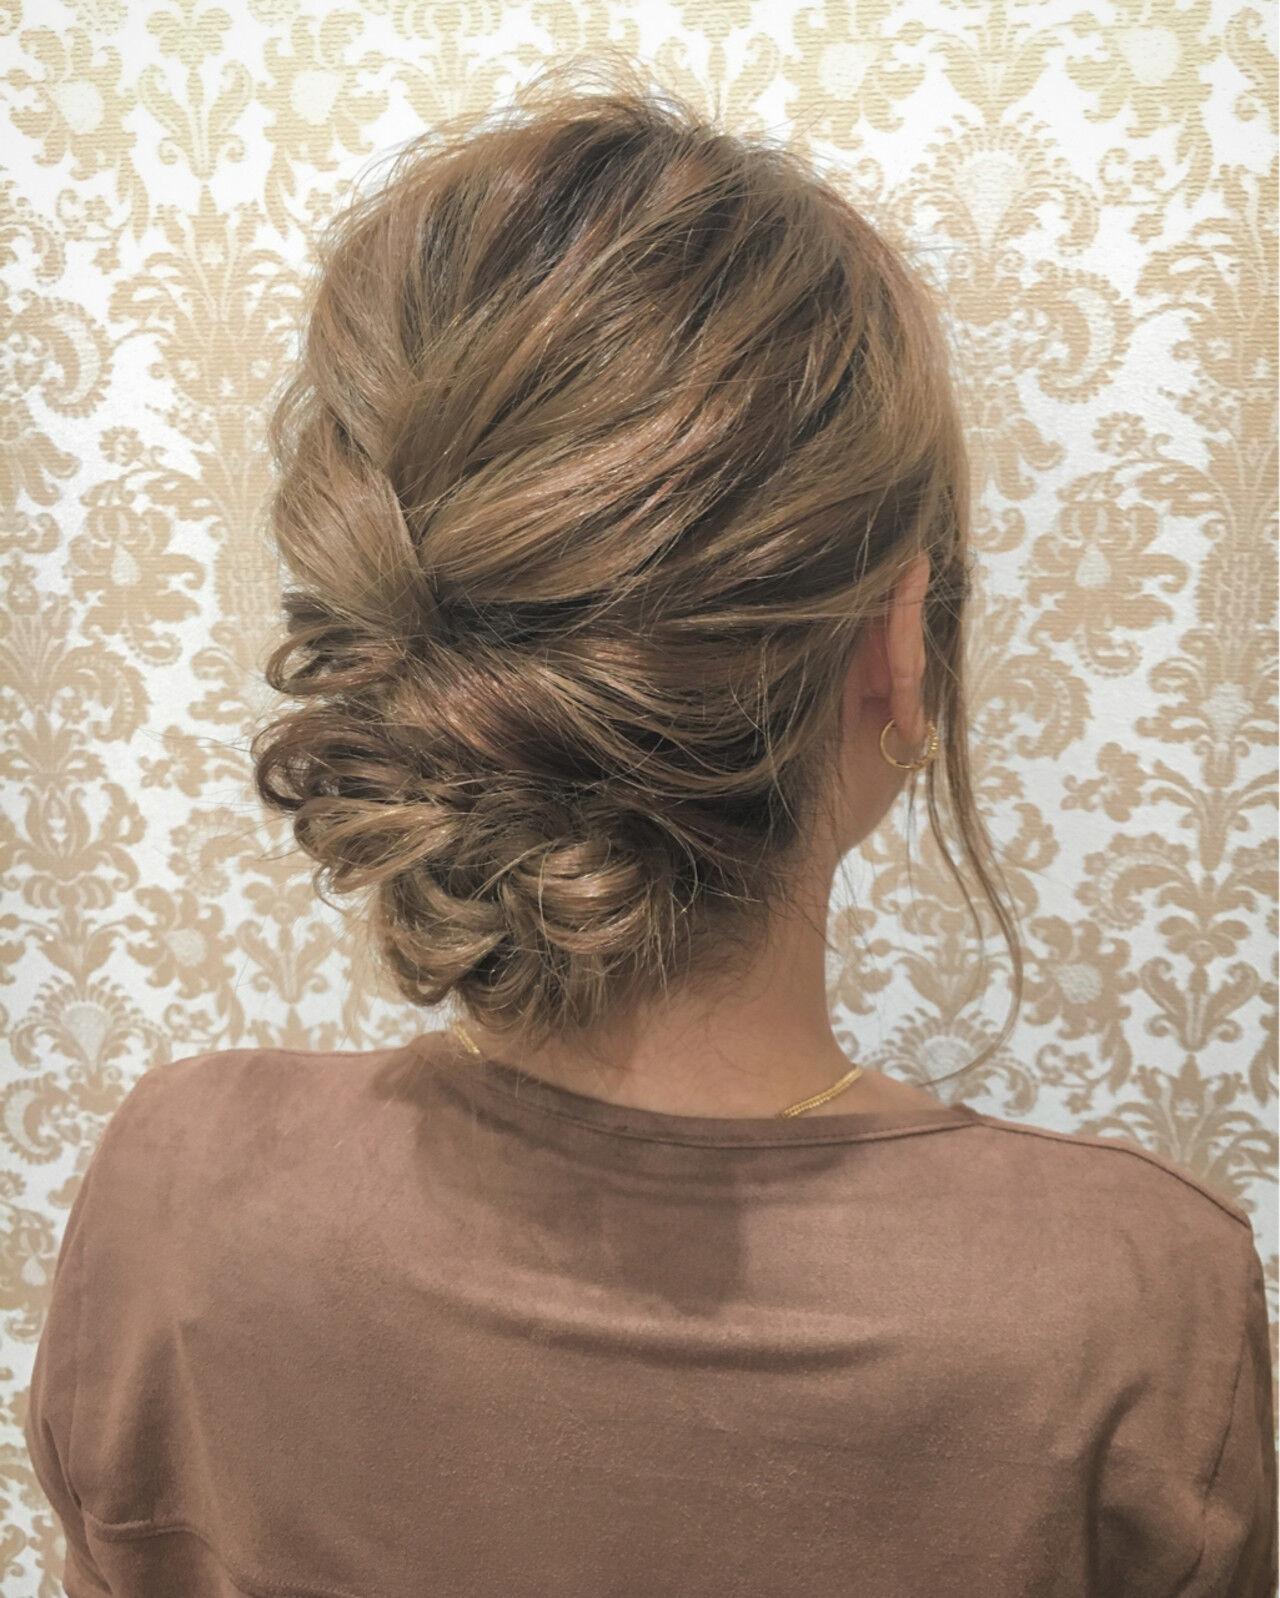 ショート 簡単ヘアアレンジ 外国人風 大人女子ヘアスタイルや髪型の写真・画像